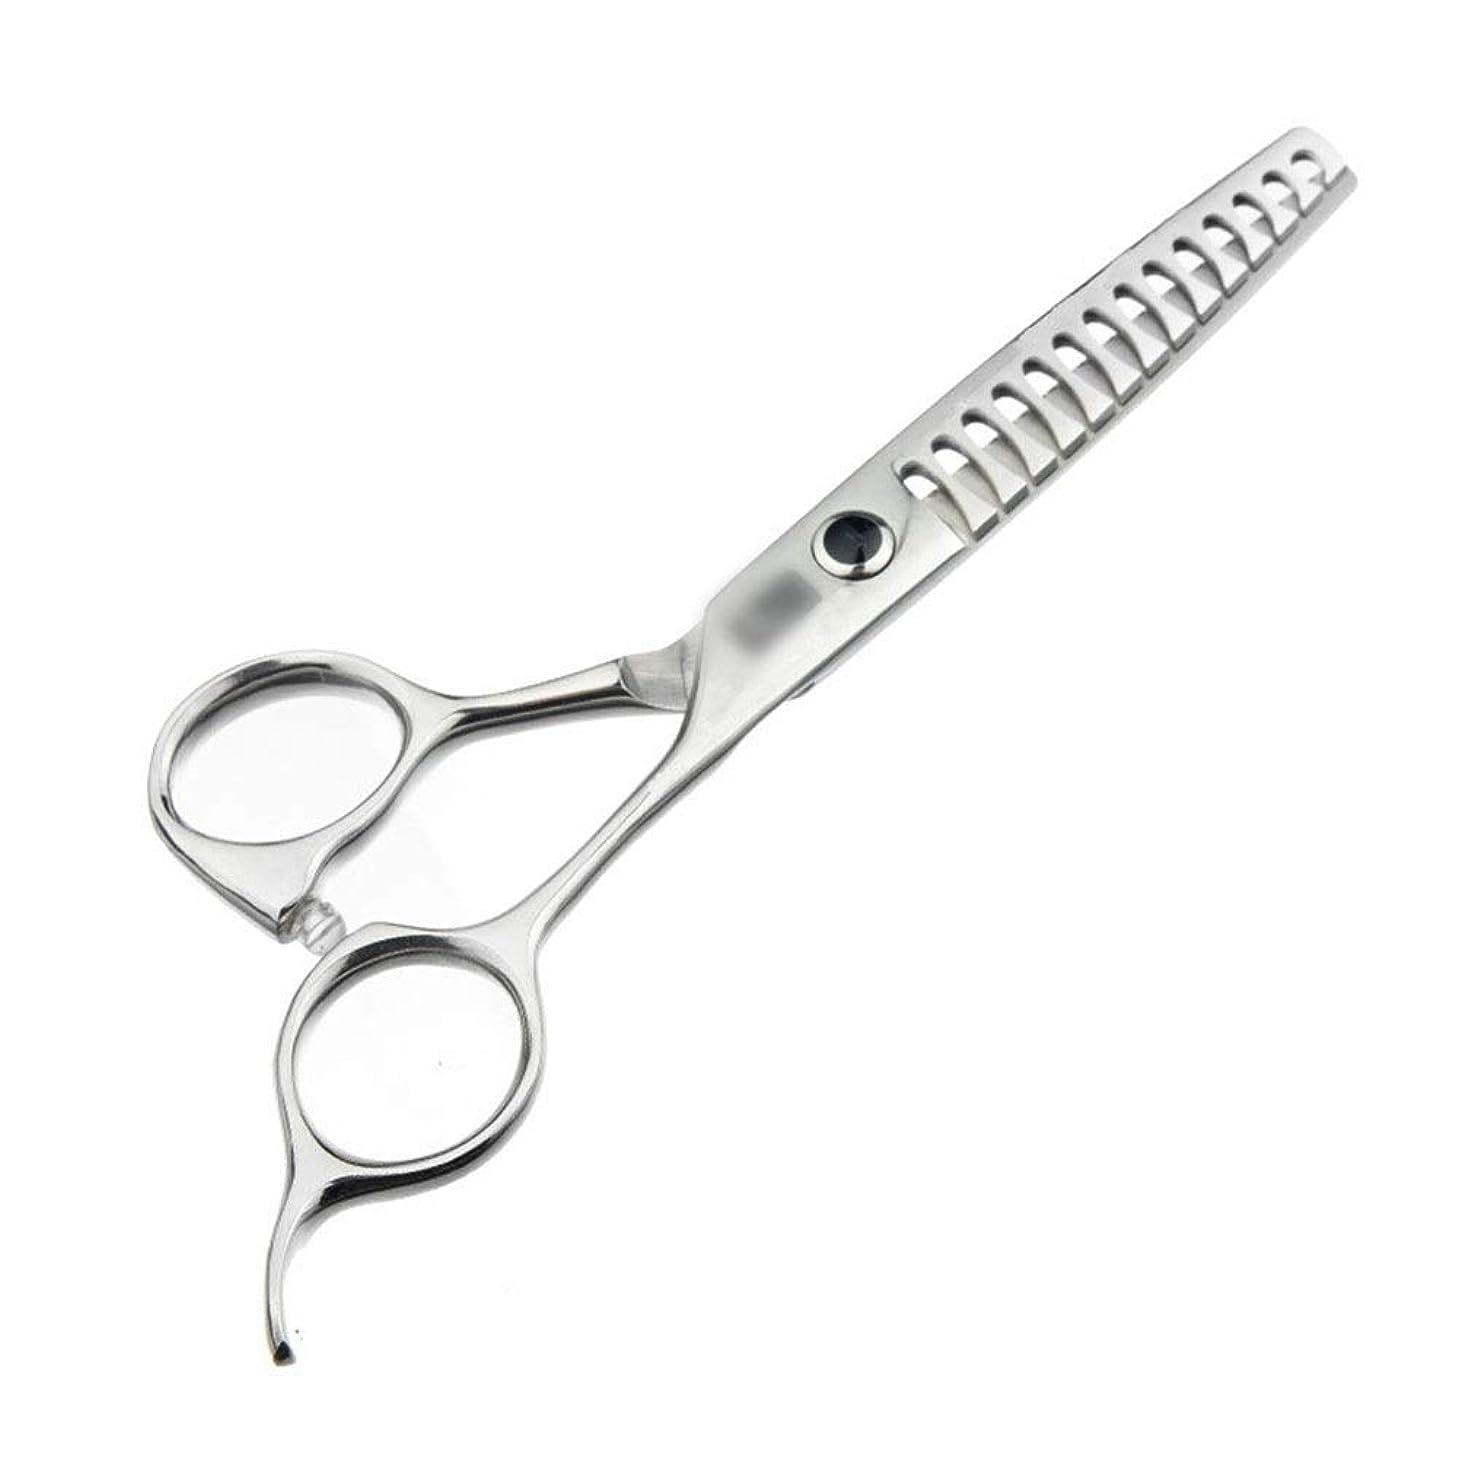 イブコーナー社説6インチハイエンド理髪はさみ、歯なしはさみ、魚骨はさみ モデリングツール (色 : Silver)